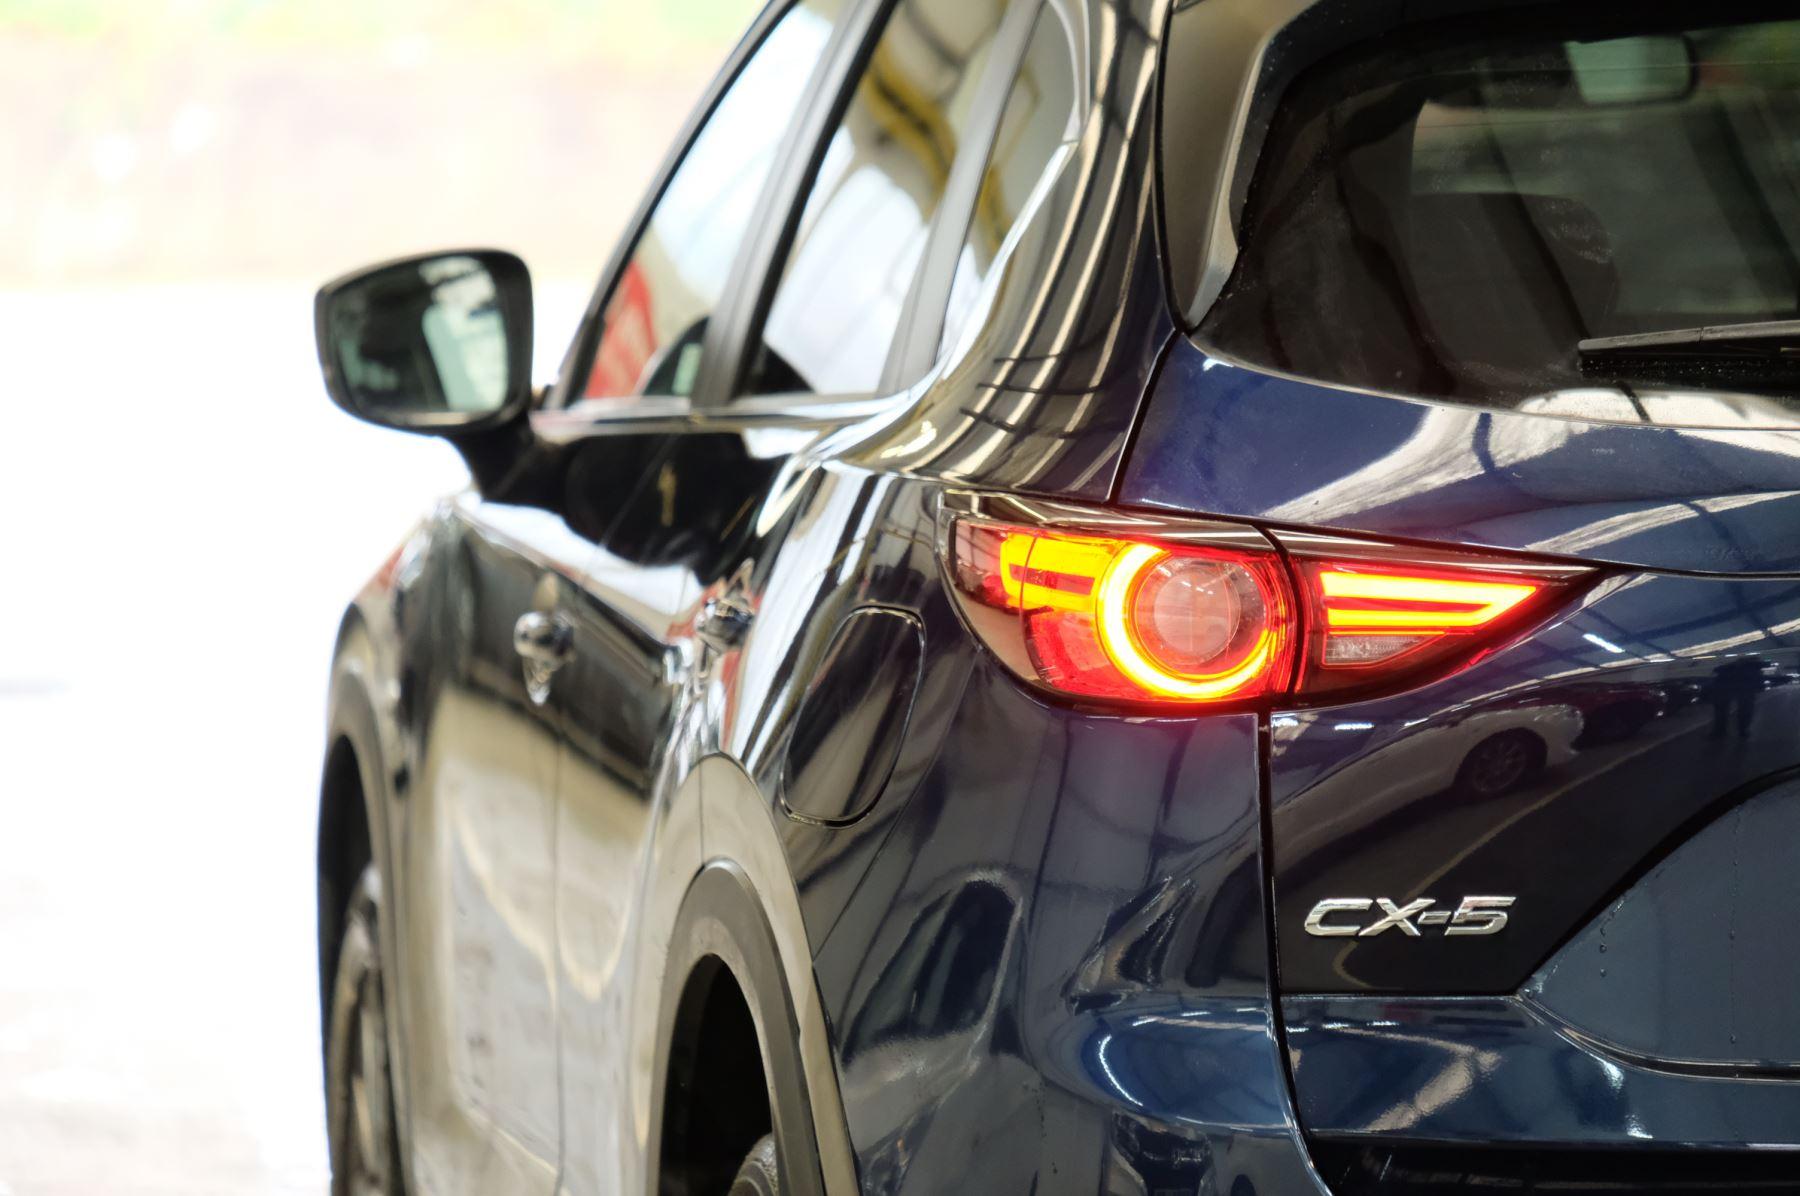 Mazda CX-5 2.0 SE-L Nav 5dr image 6